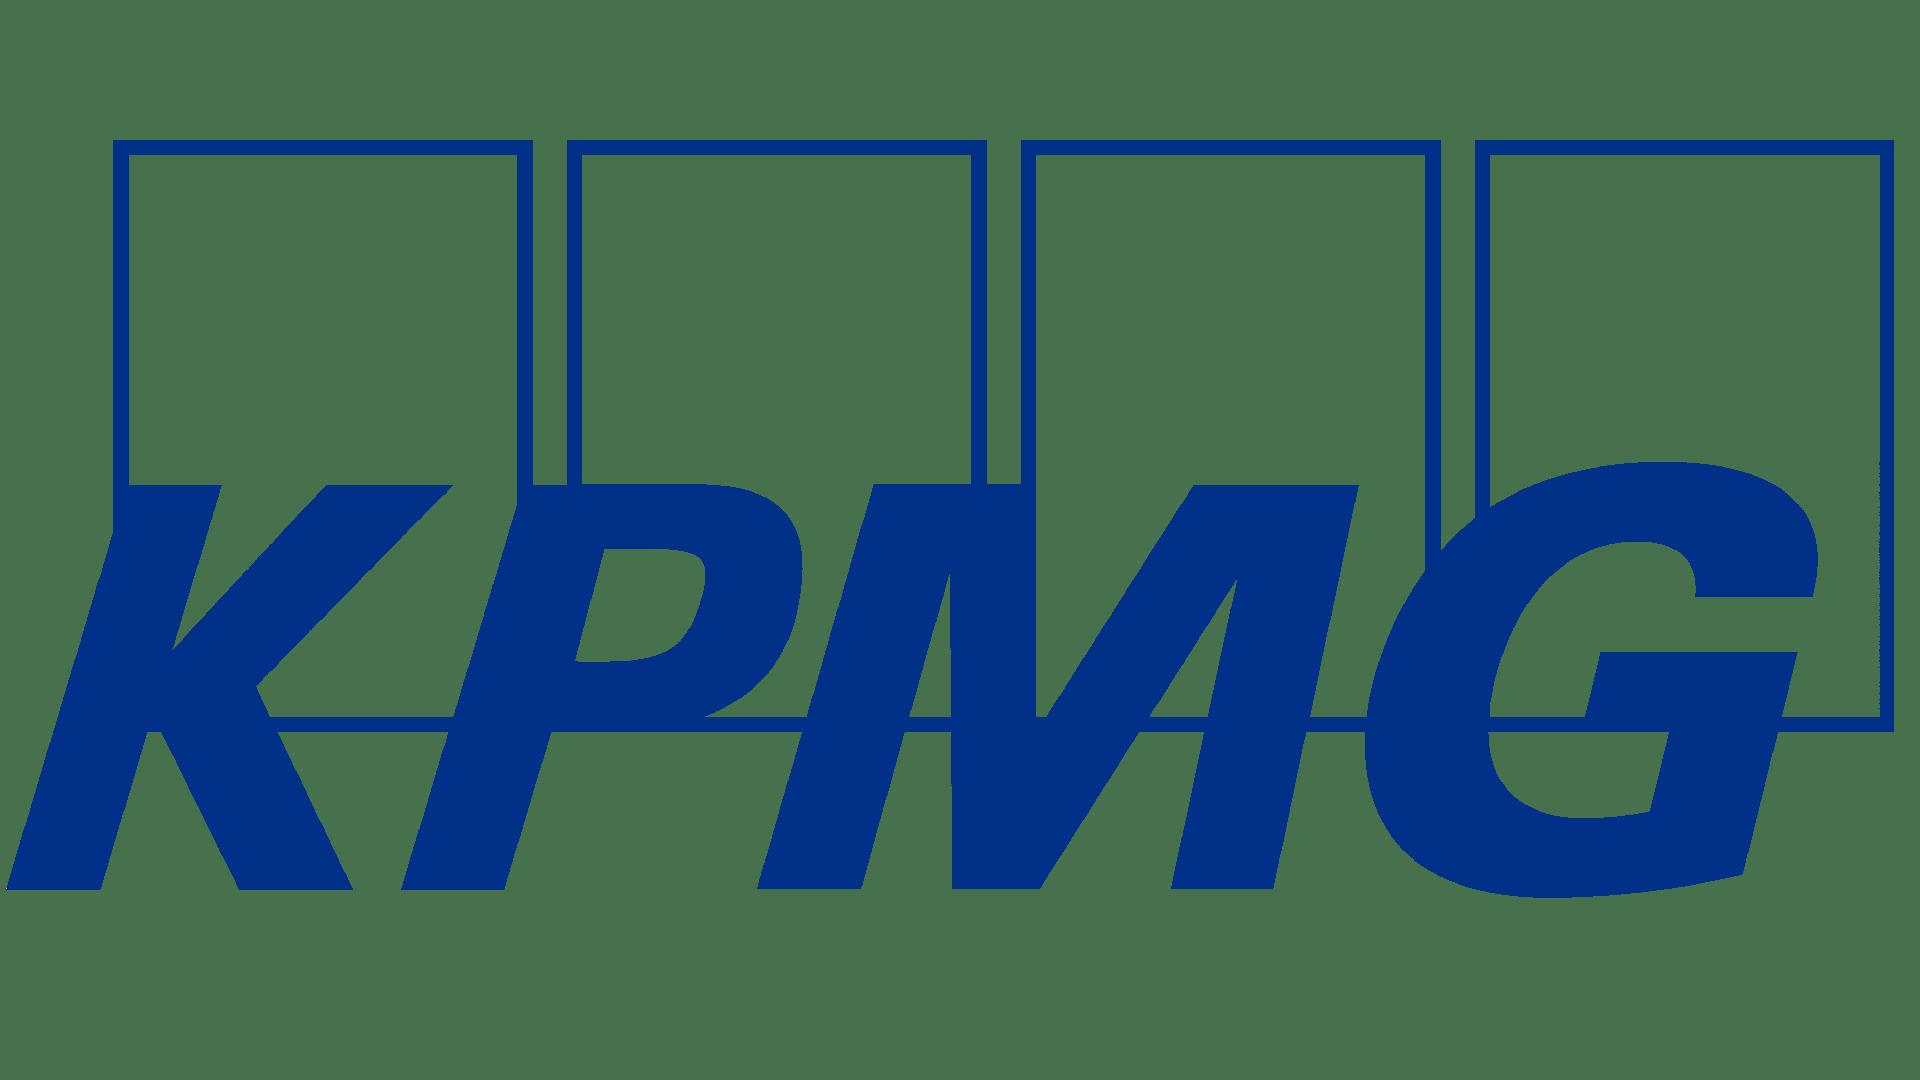 KPMG-Logo2